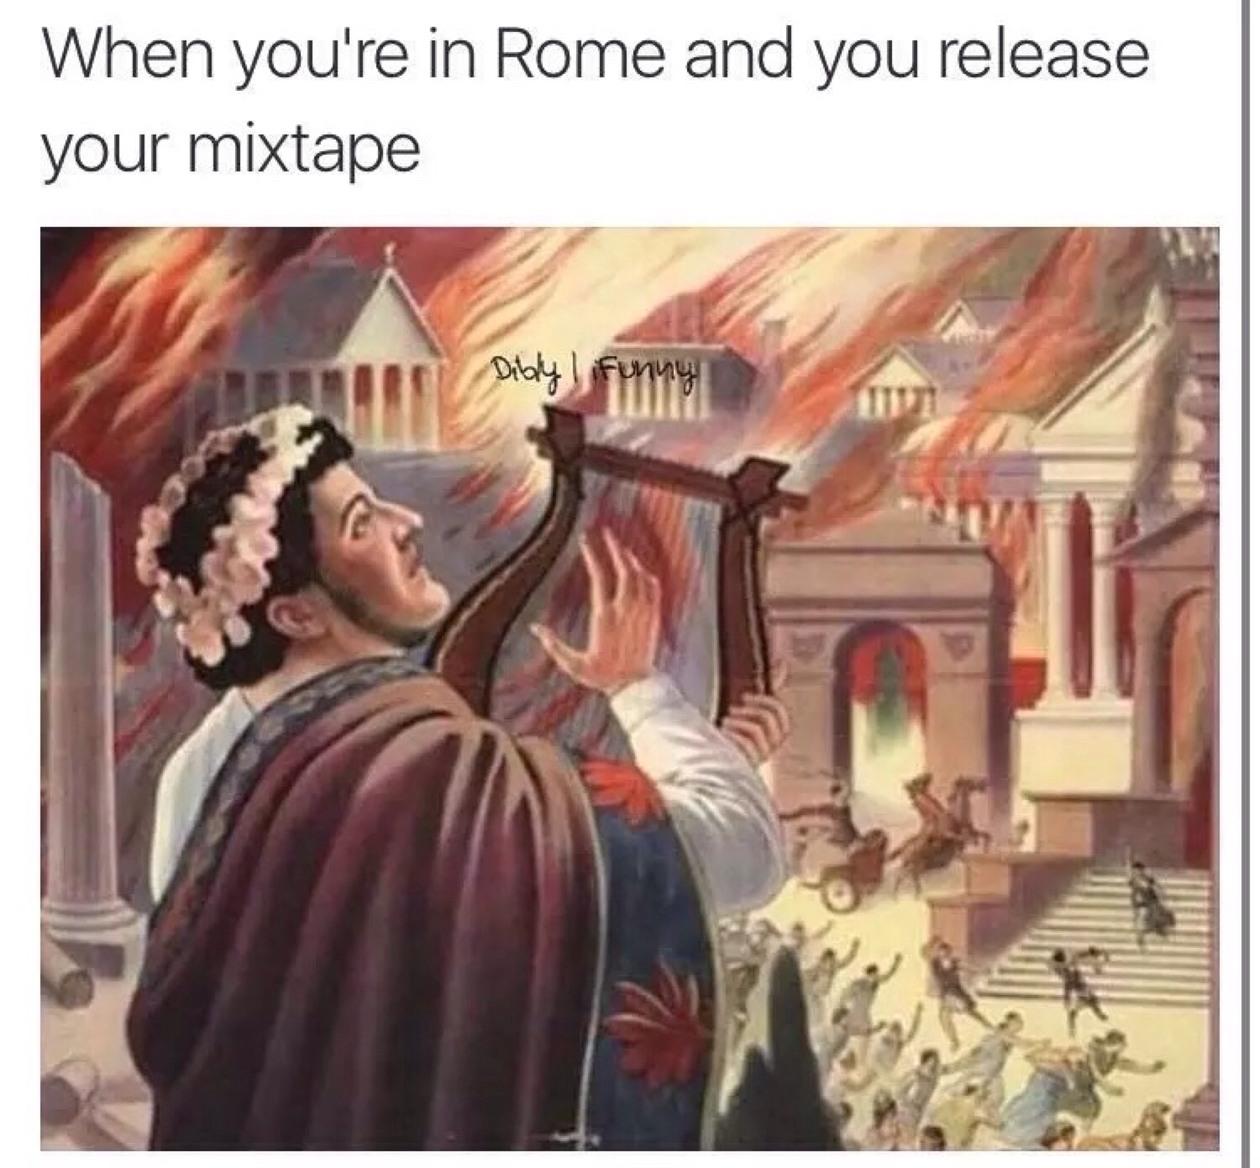 It's fire - meme